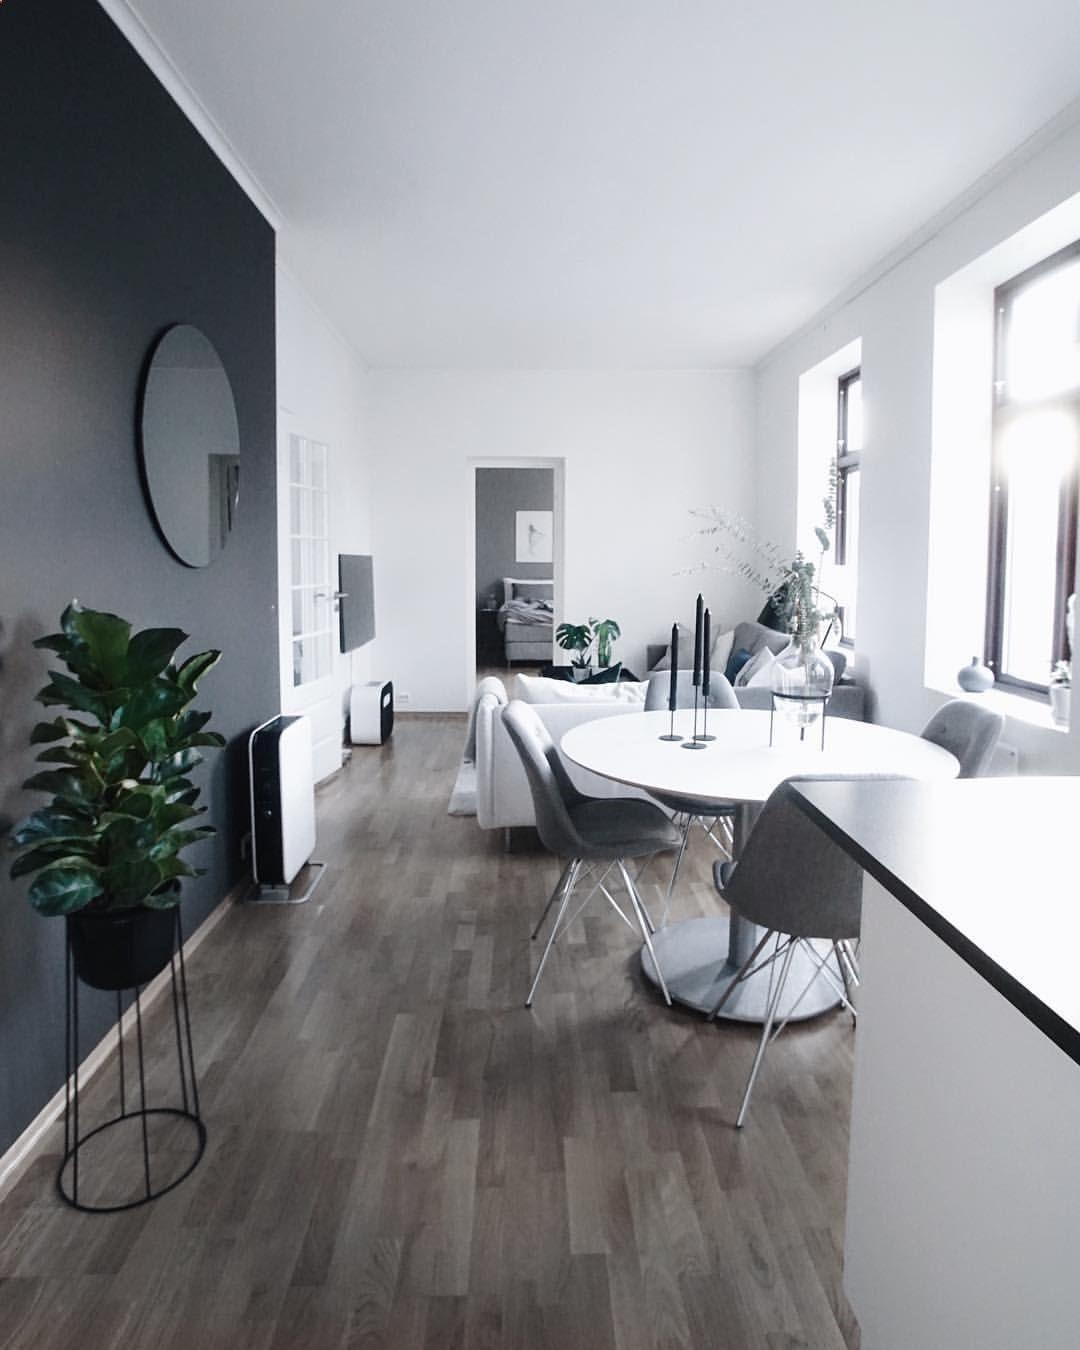 Décoration salon épurée : mur noir, parquet bois gris, décoration ...